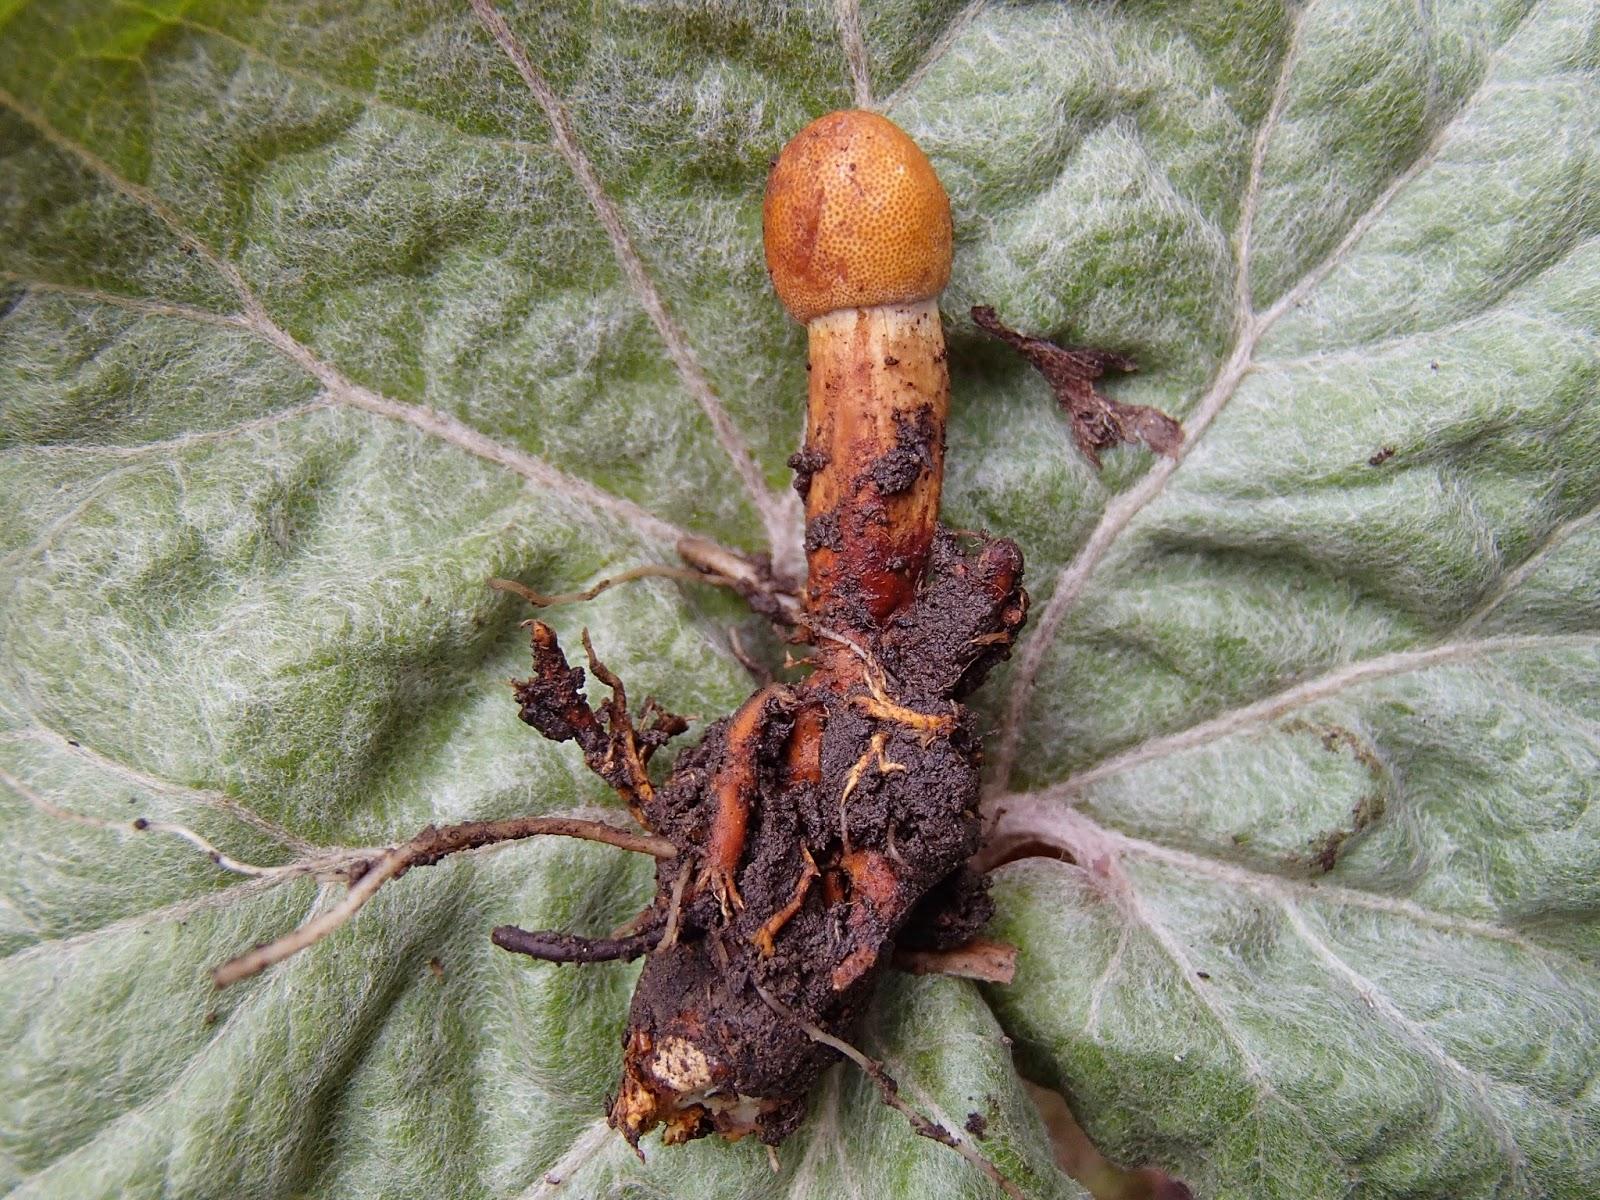 Orawa, grzyby, maczużnik wysmukły Ophiocordyceps gracilis